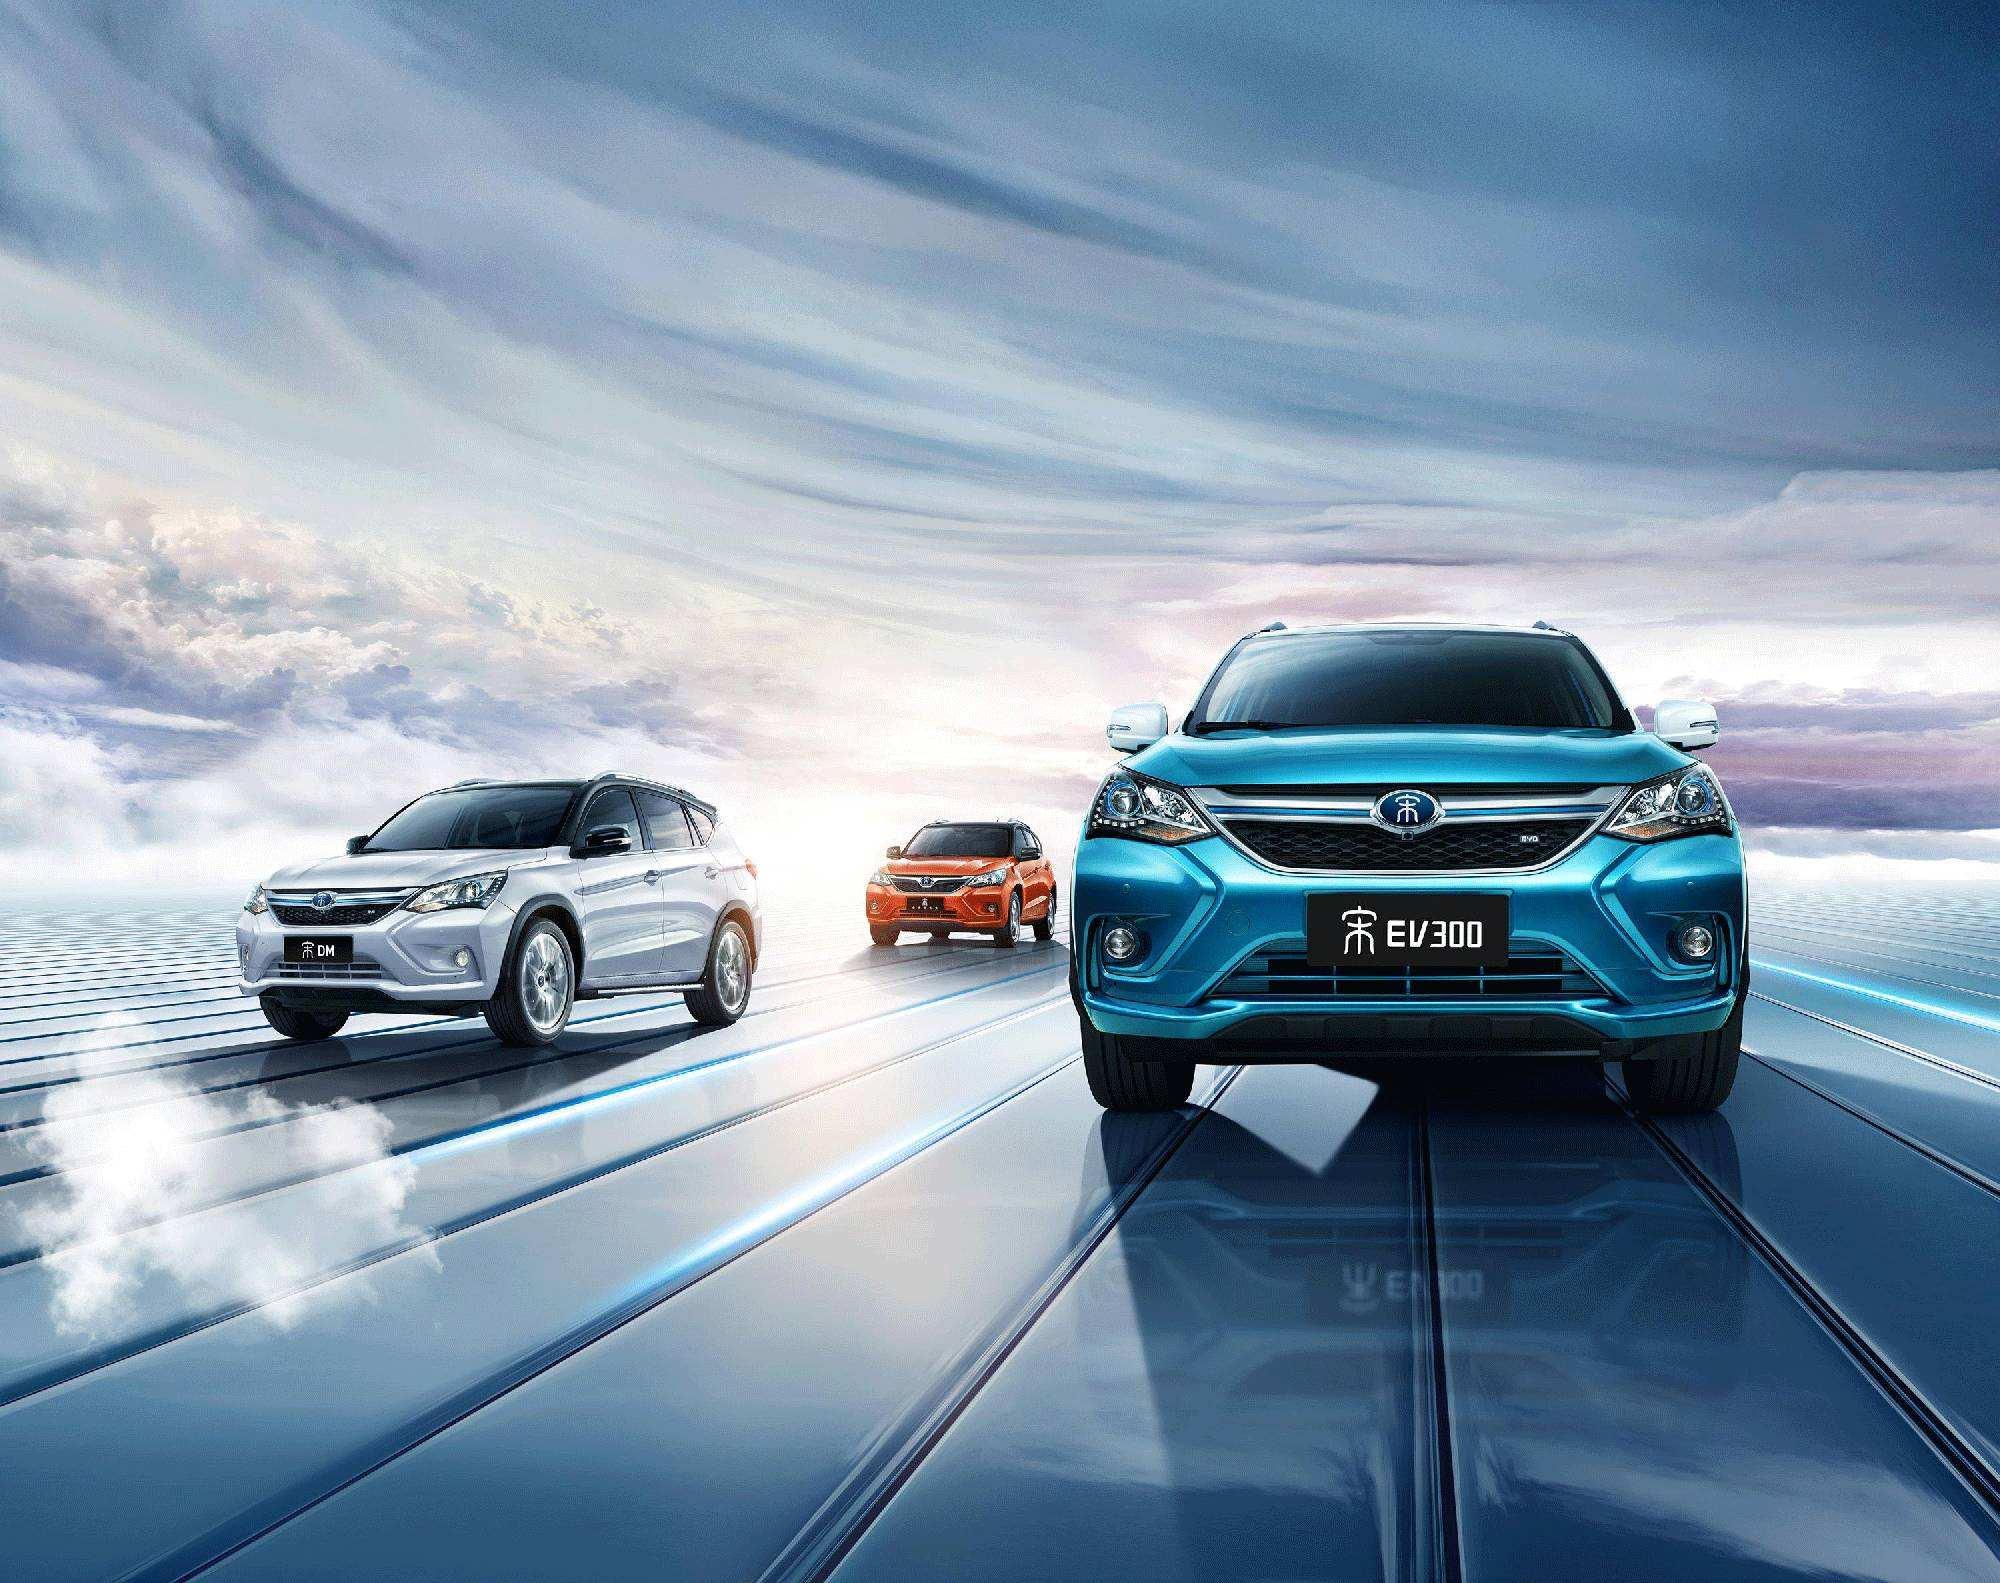 品质提升价格下降 国内汽车市场竞争加剧